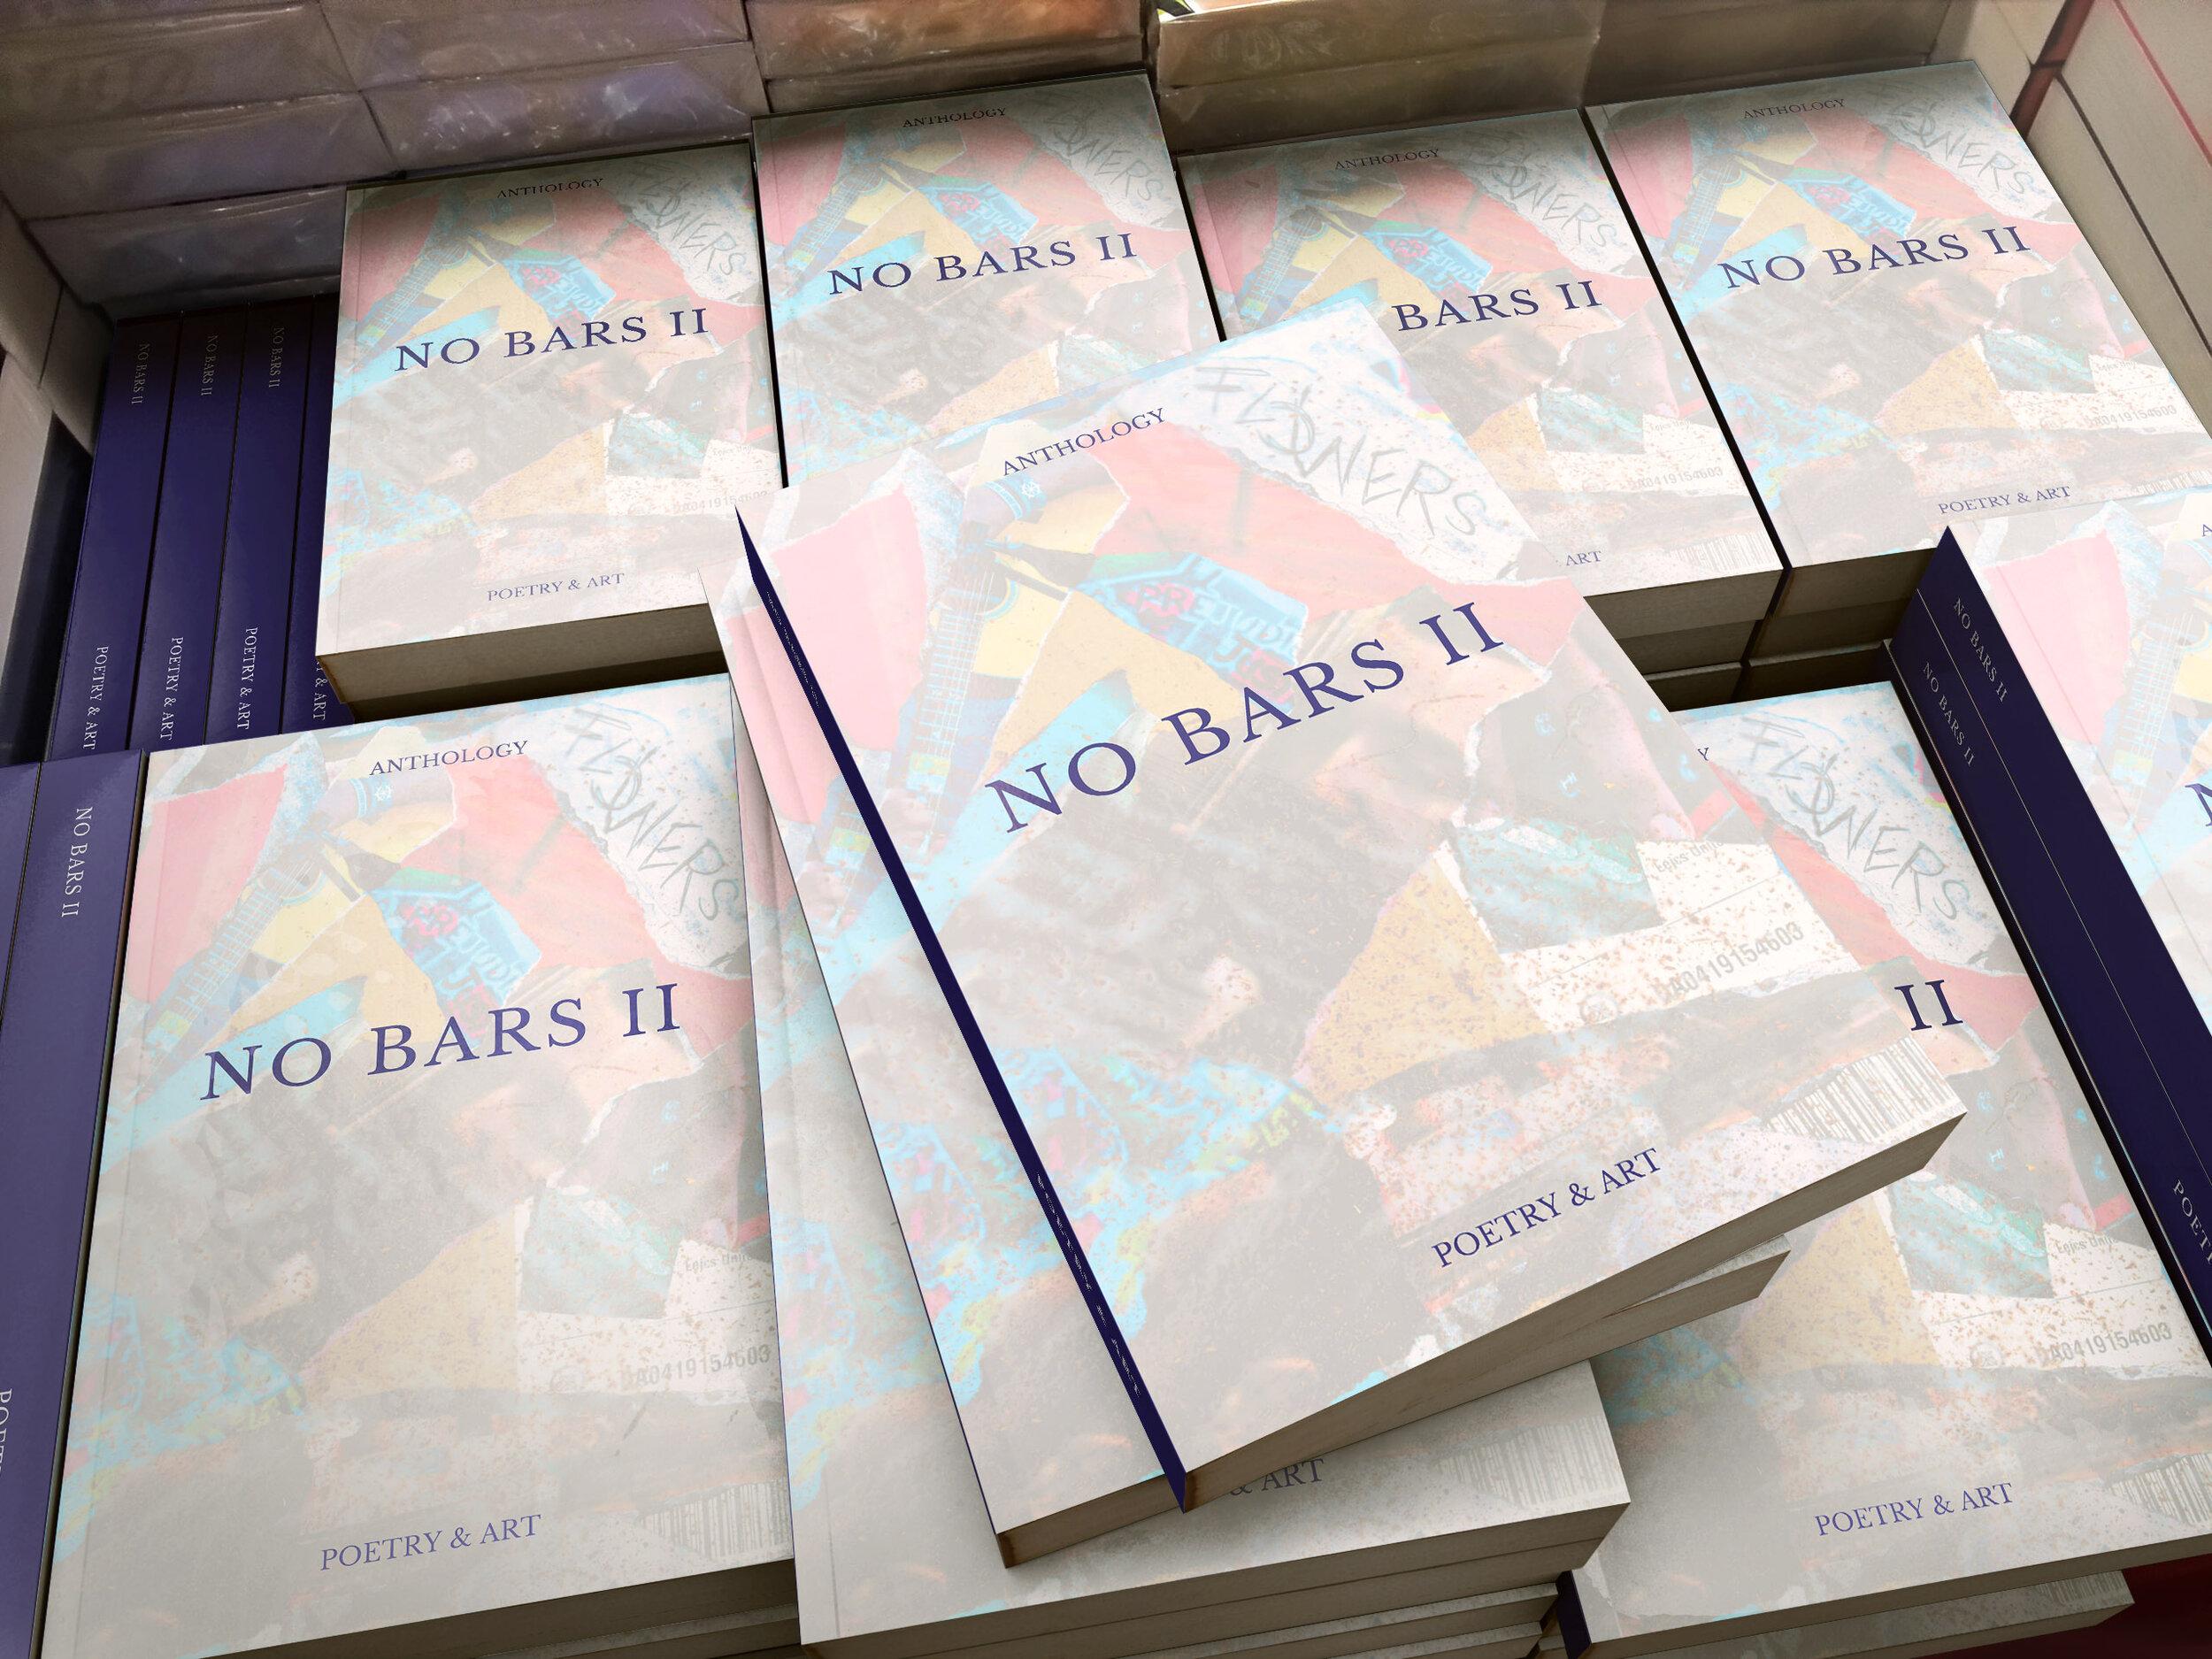 NO BARS II - ANTHOLOGY